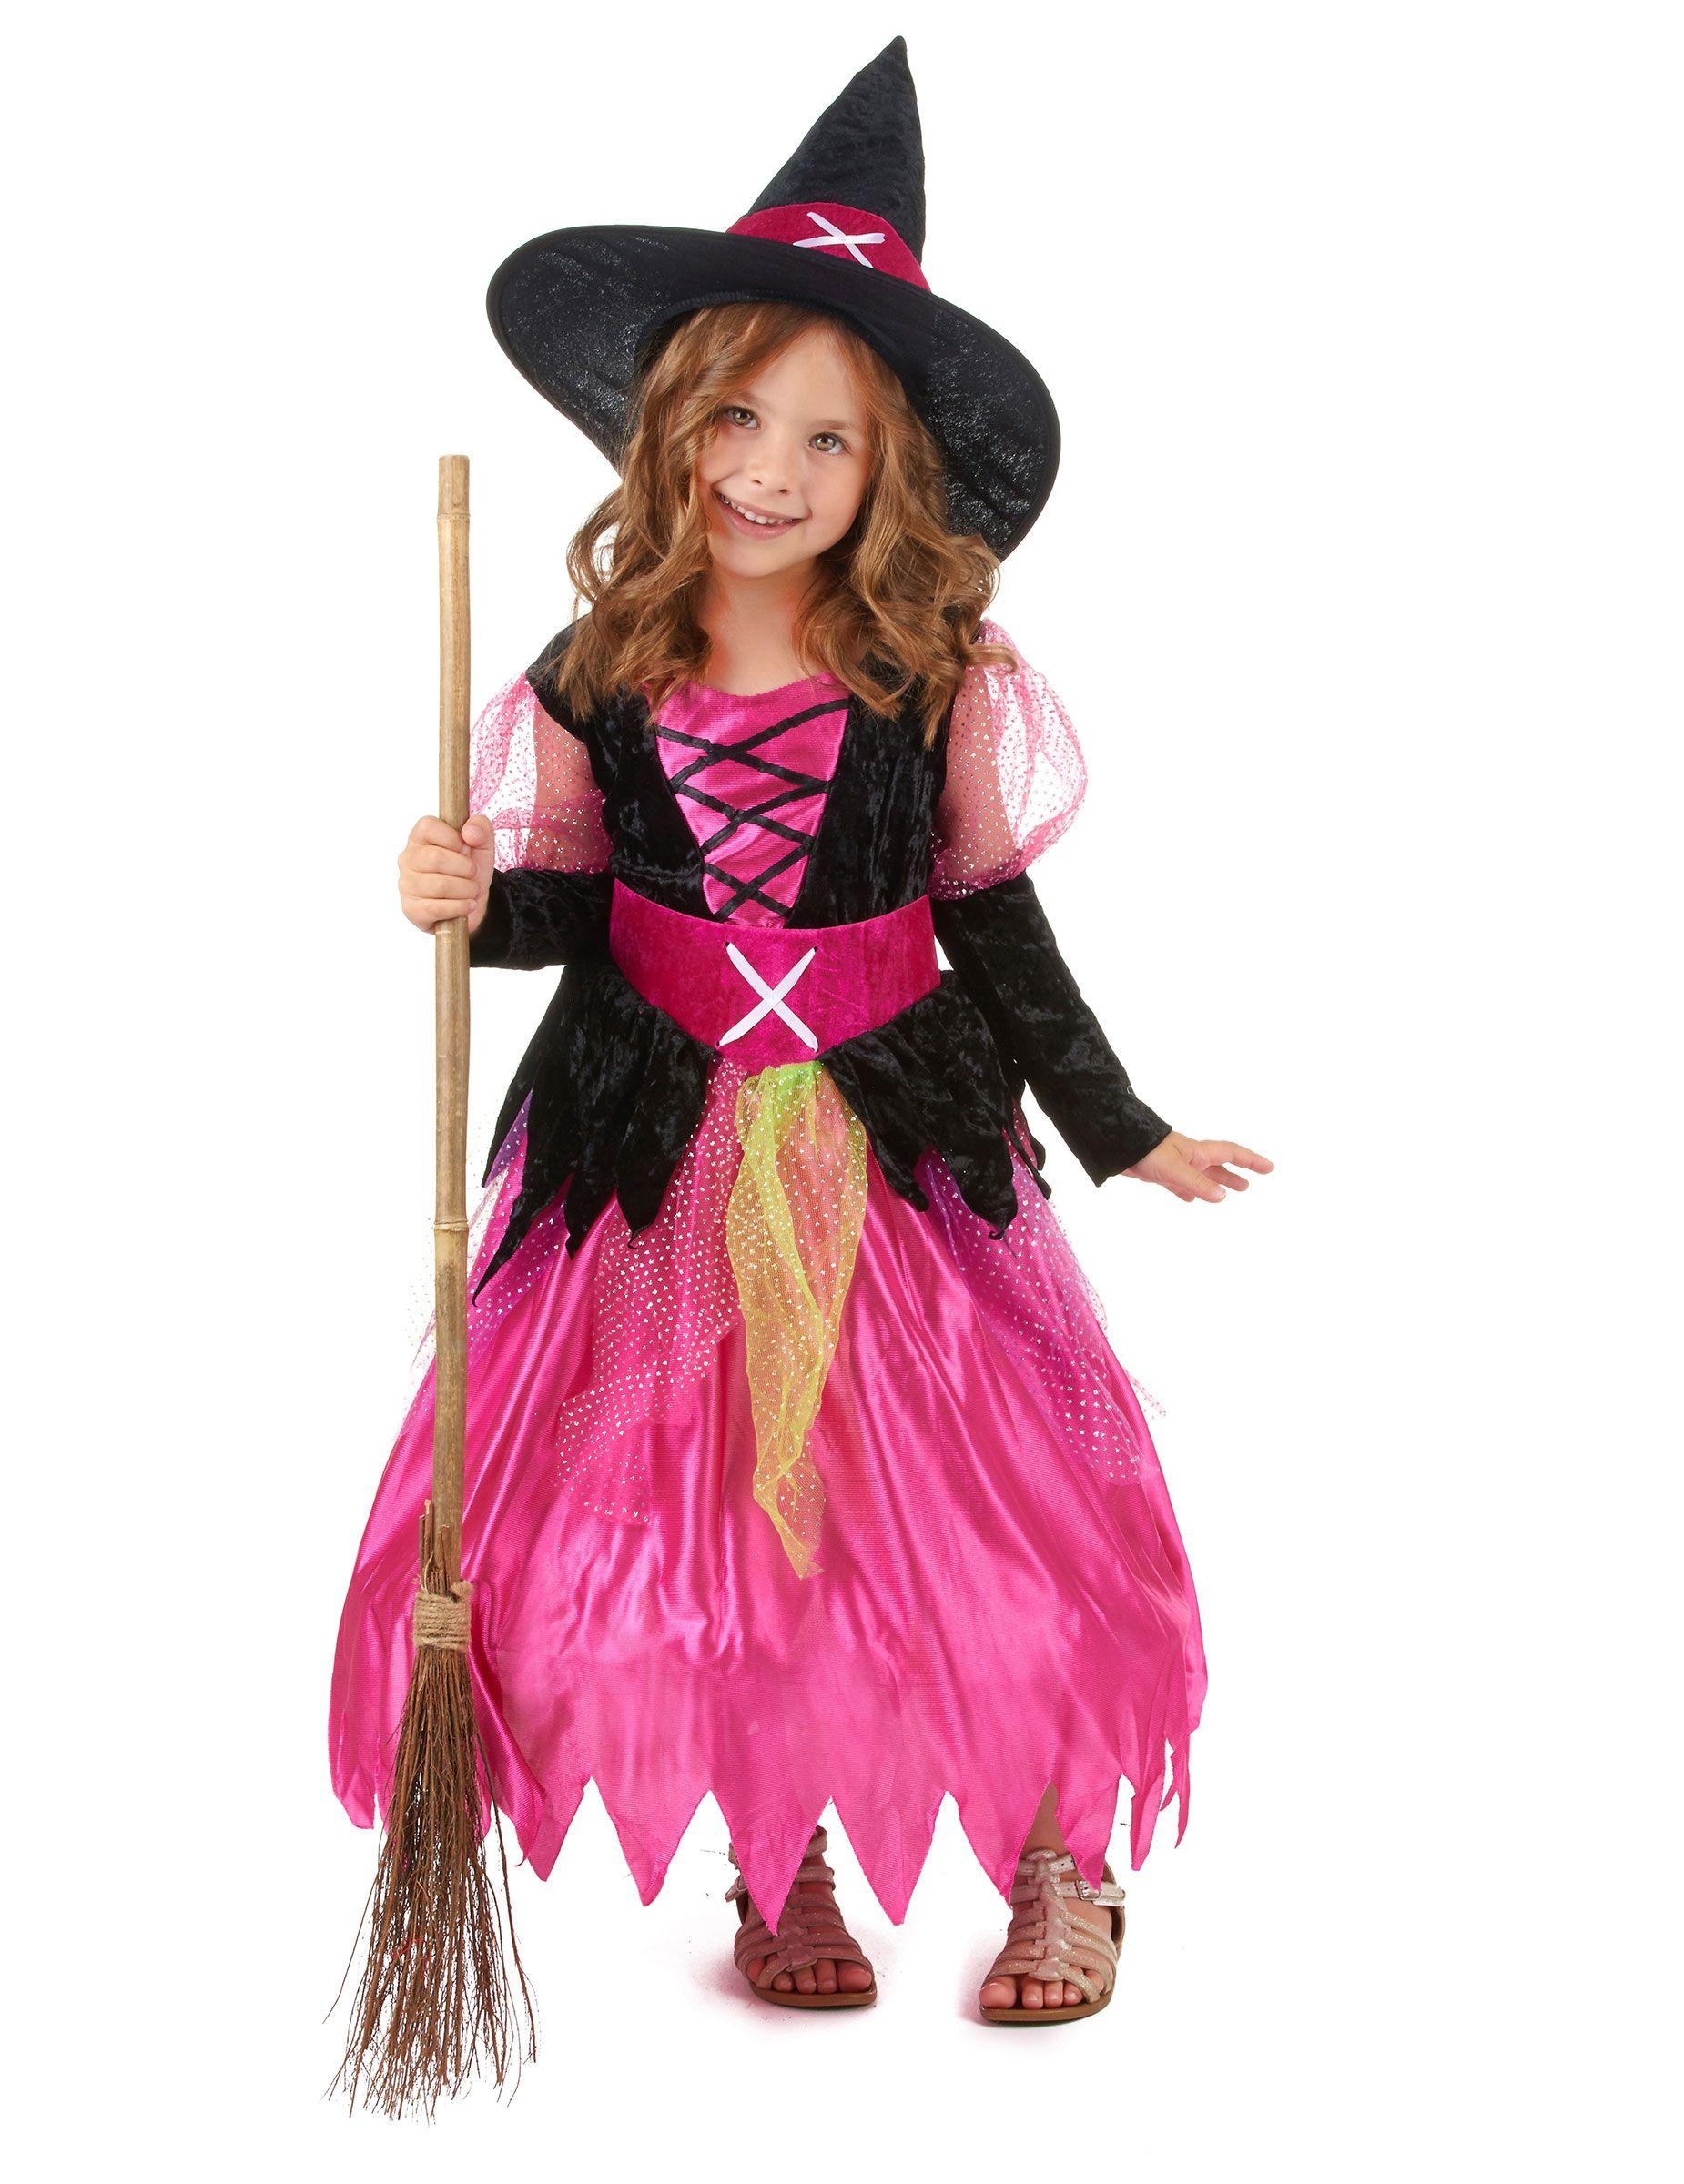 Costume strega Halloween bambina  Questo costume da strega Halloween per bambina  è composto da un 058b829d47de